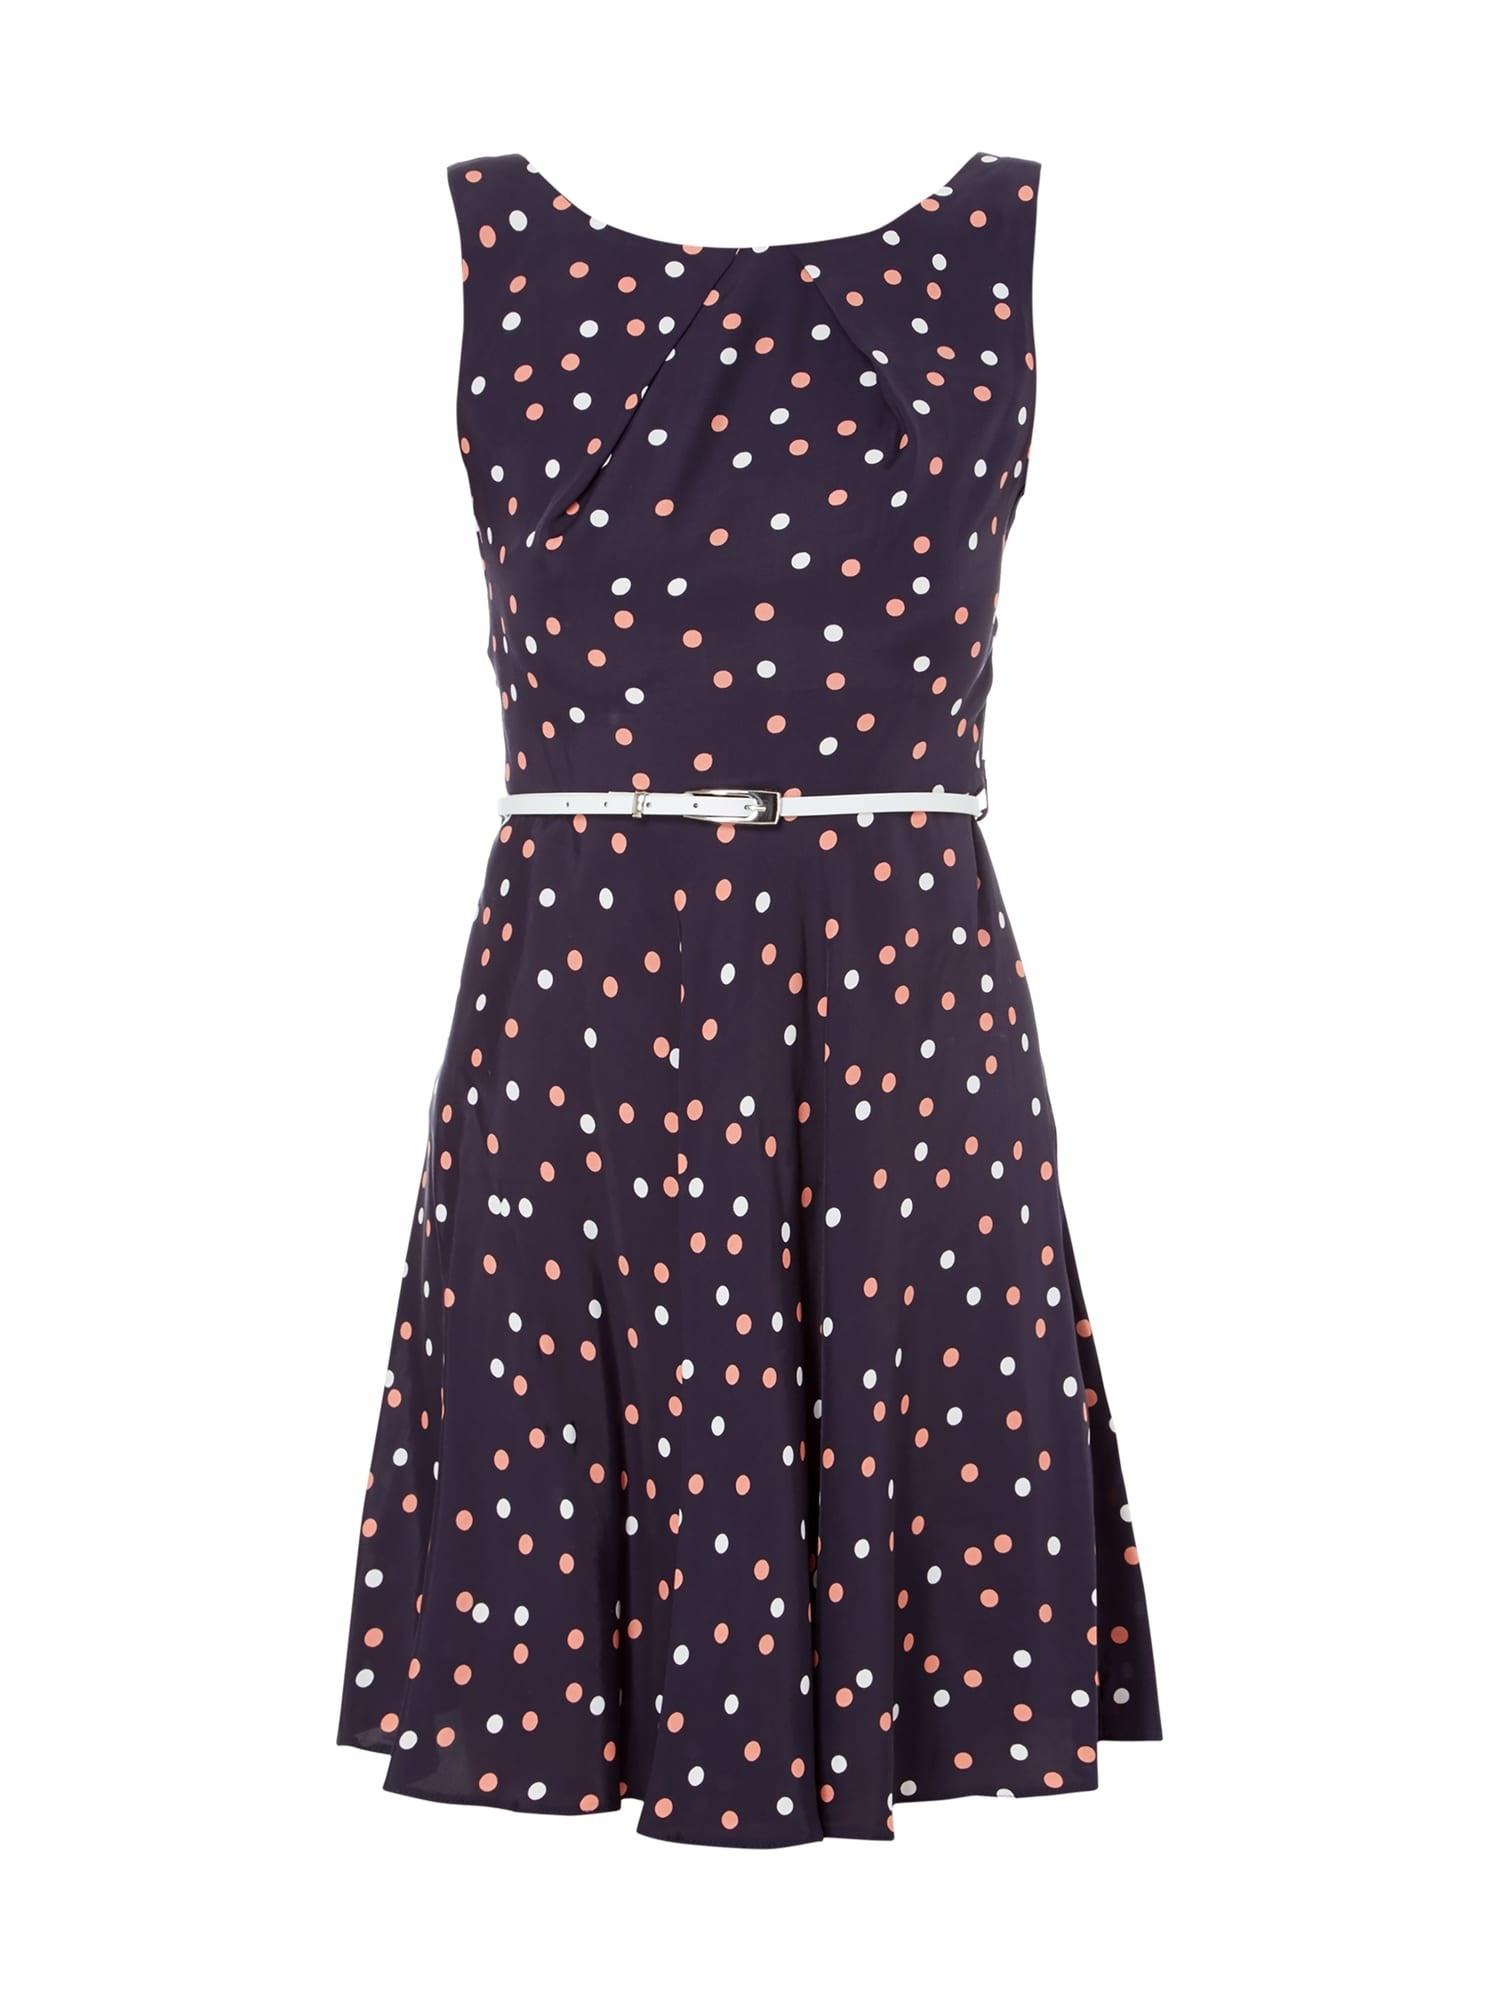 Formal Leicht Kleid Blau Punkte ÄrmelFormal Einzigartig Kleid Blau Punkte Ärmel